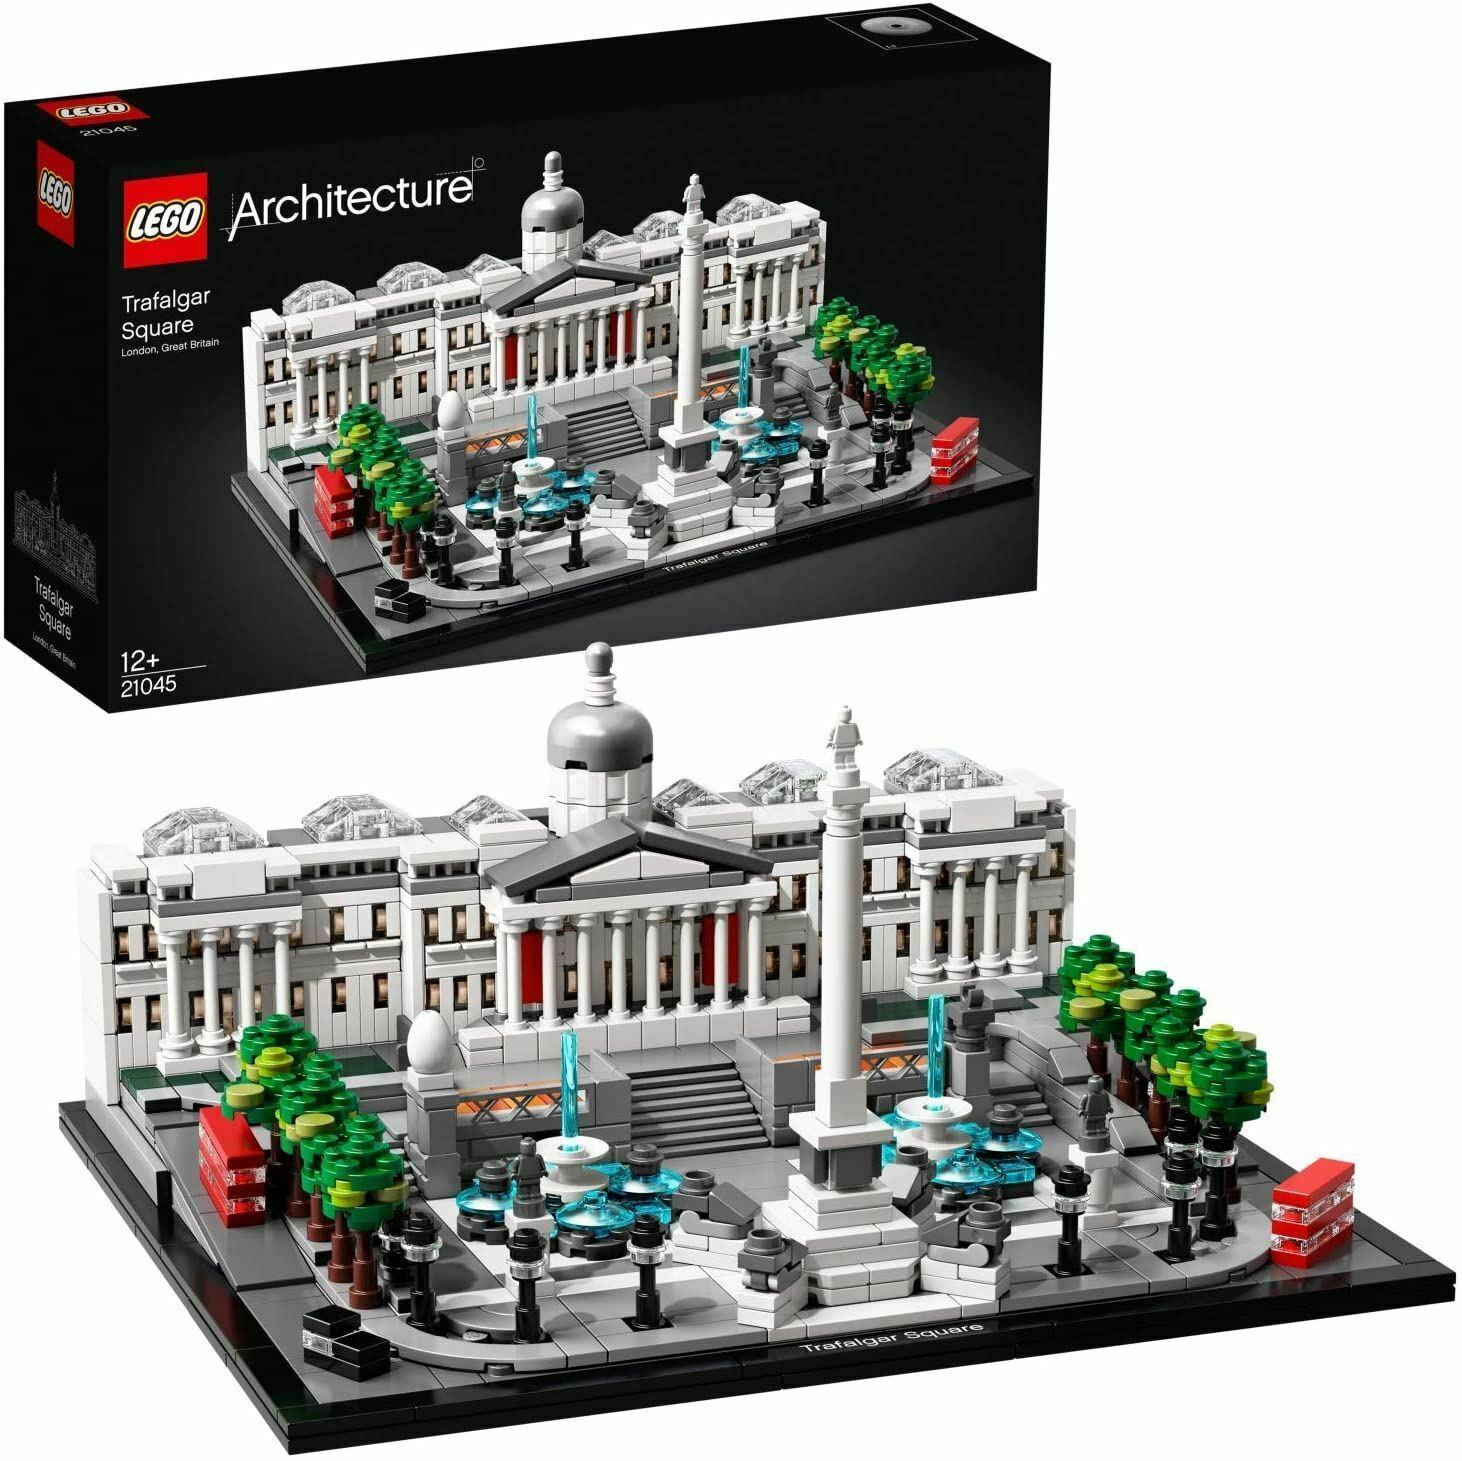 Lego Architecture 21045 Trafalgar Square £54.99 @ velocityelectronics eBay